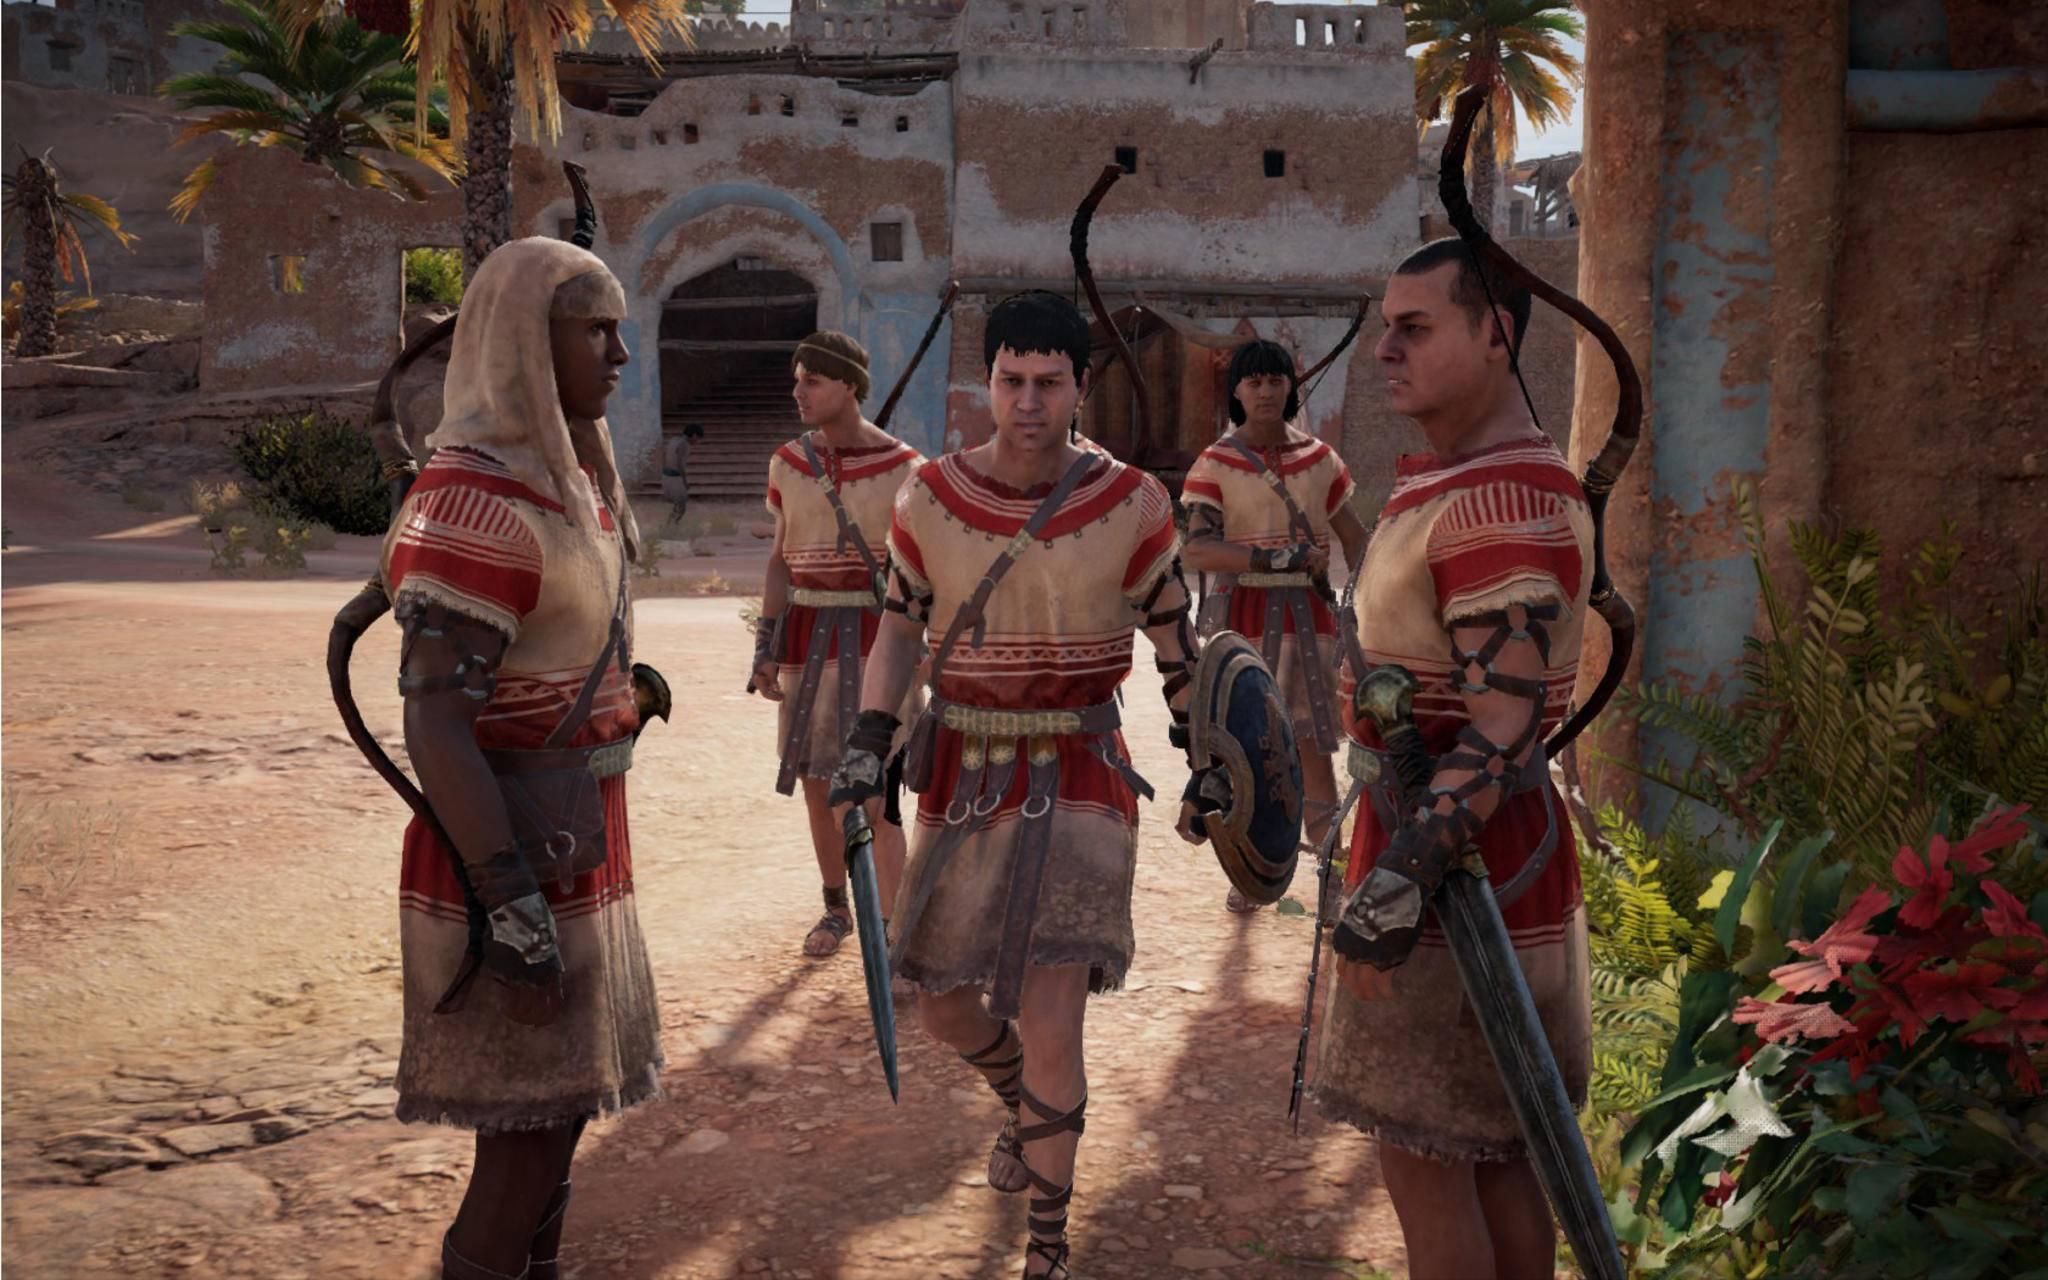 Zu Beginn des Spiels tauchen fiese feindliche Soldaten auf, ...